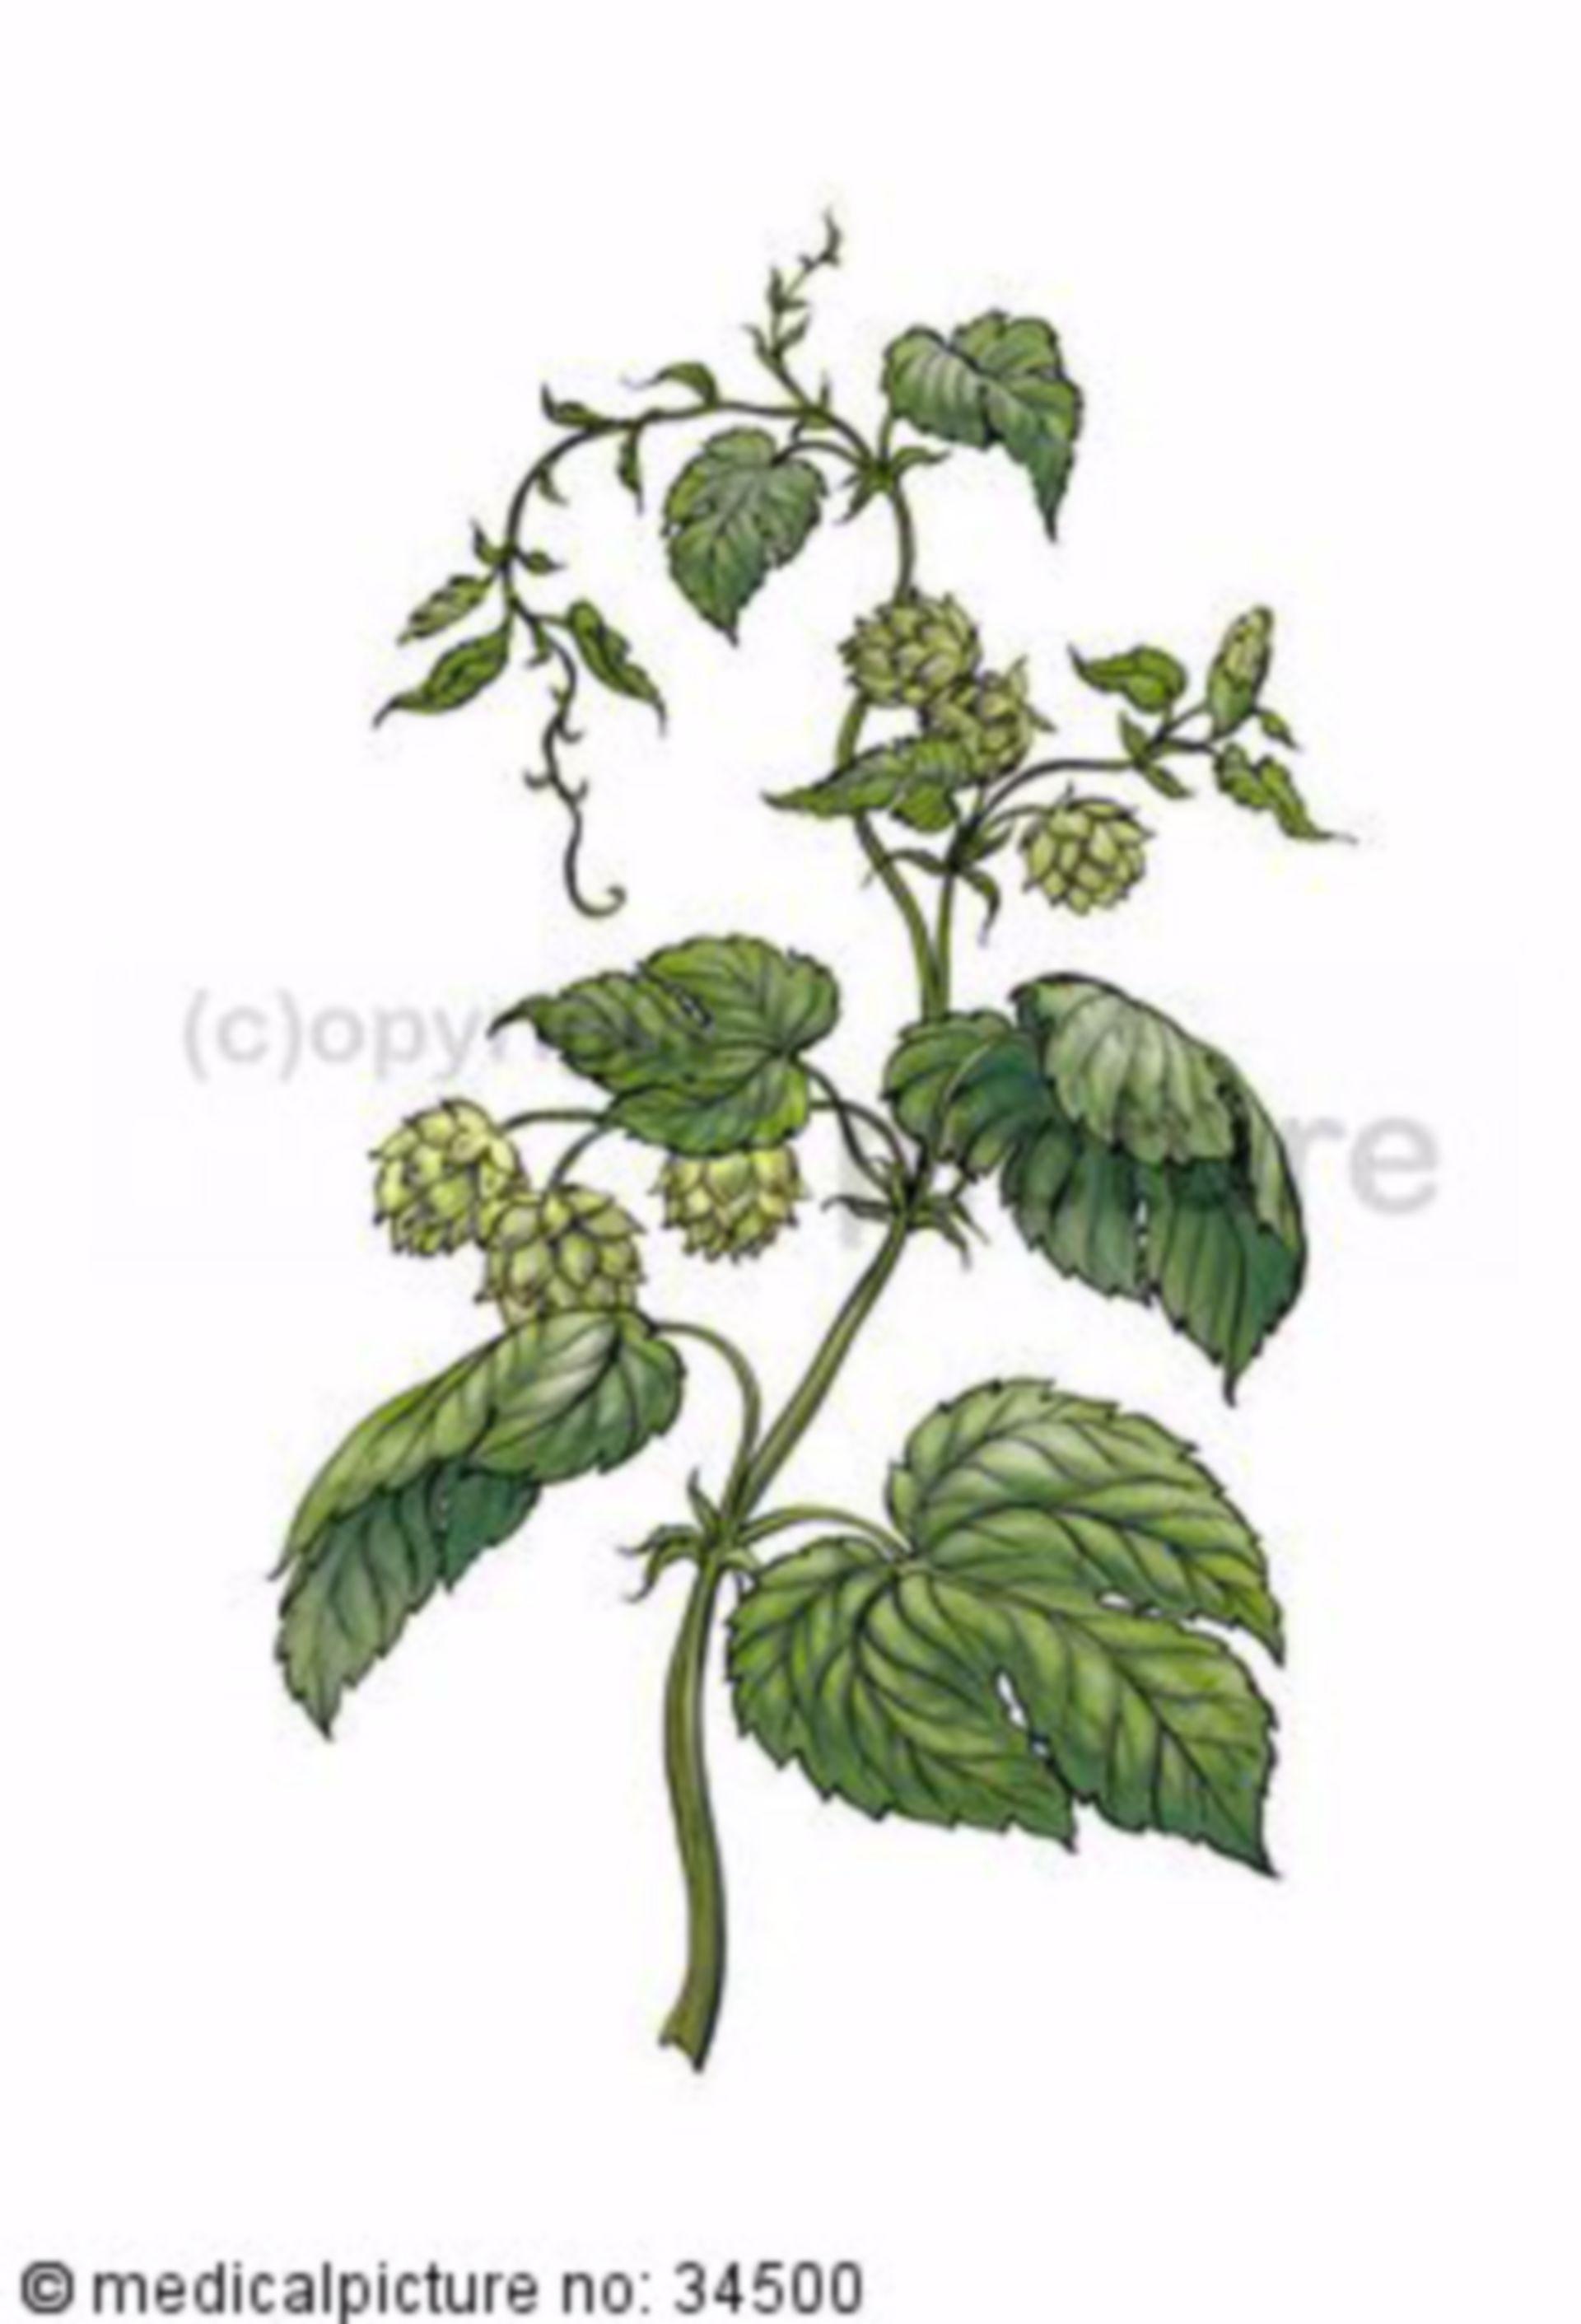 Common hop, humulus lupulus